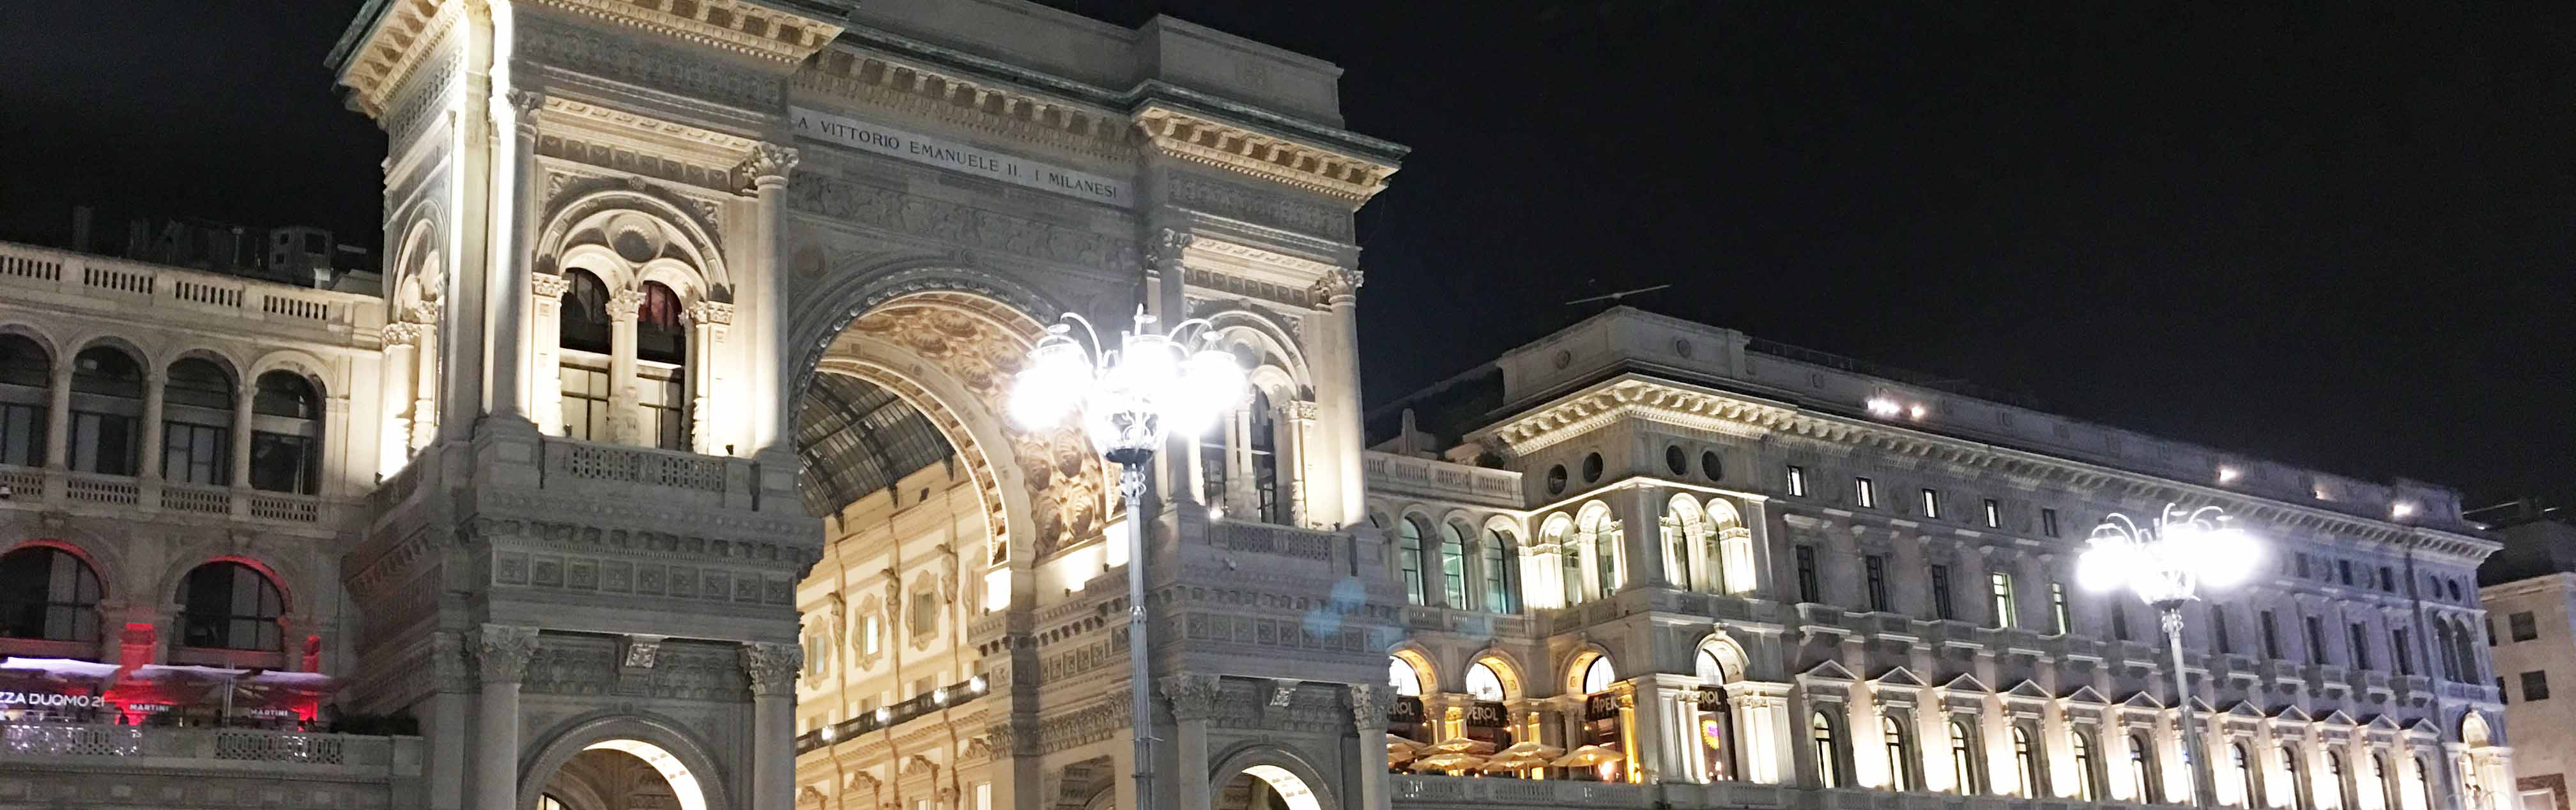 Galleria, Milano